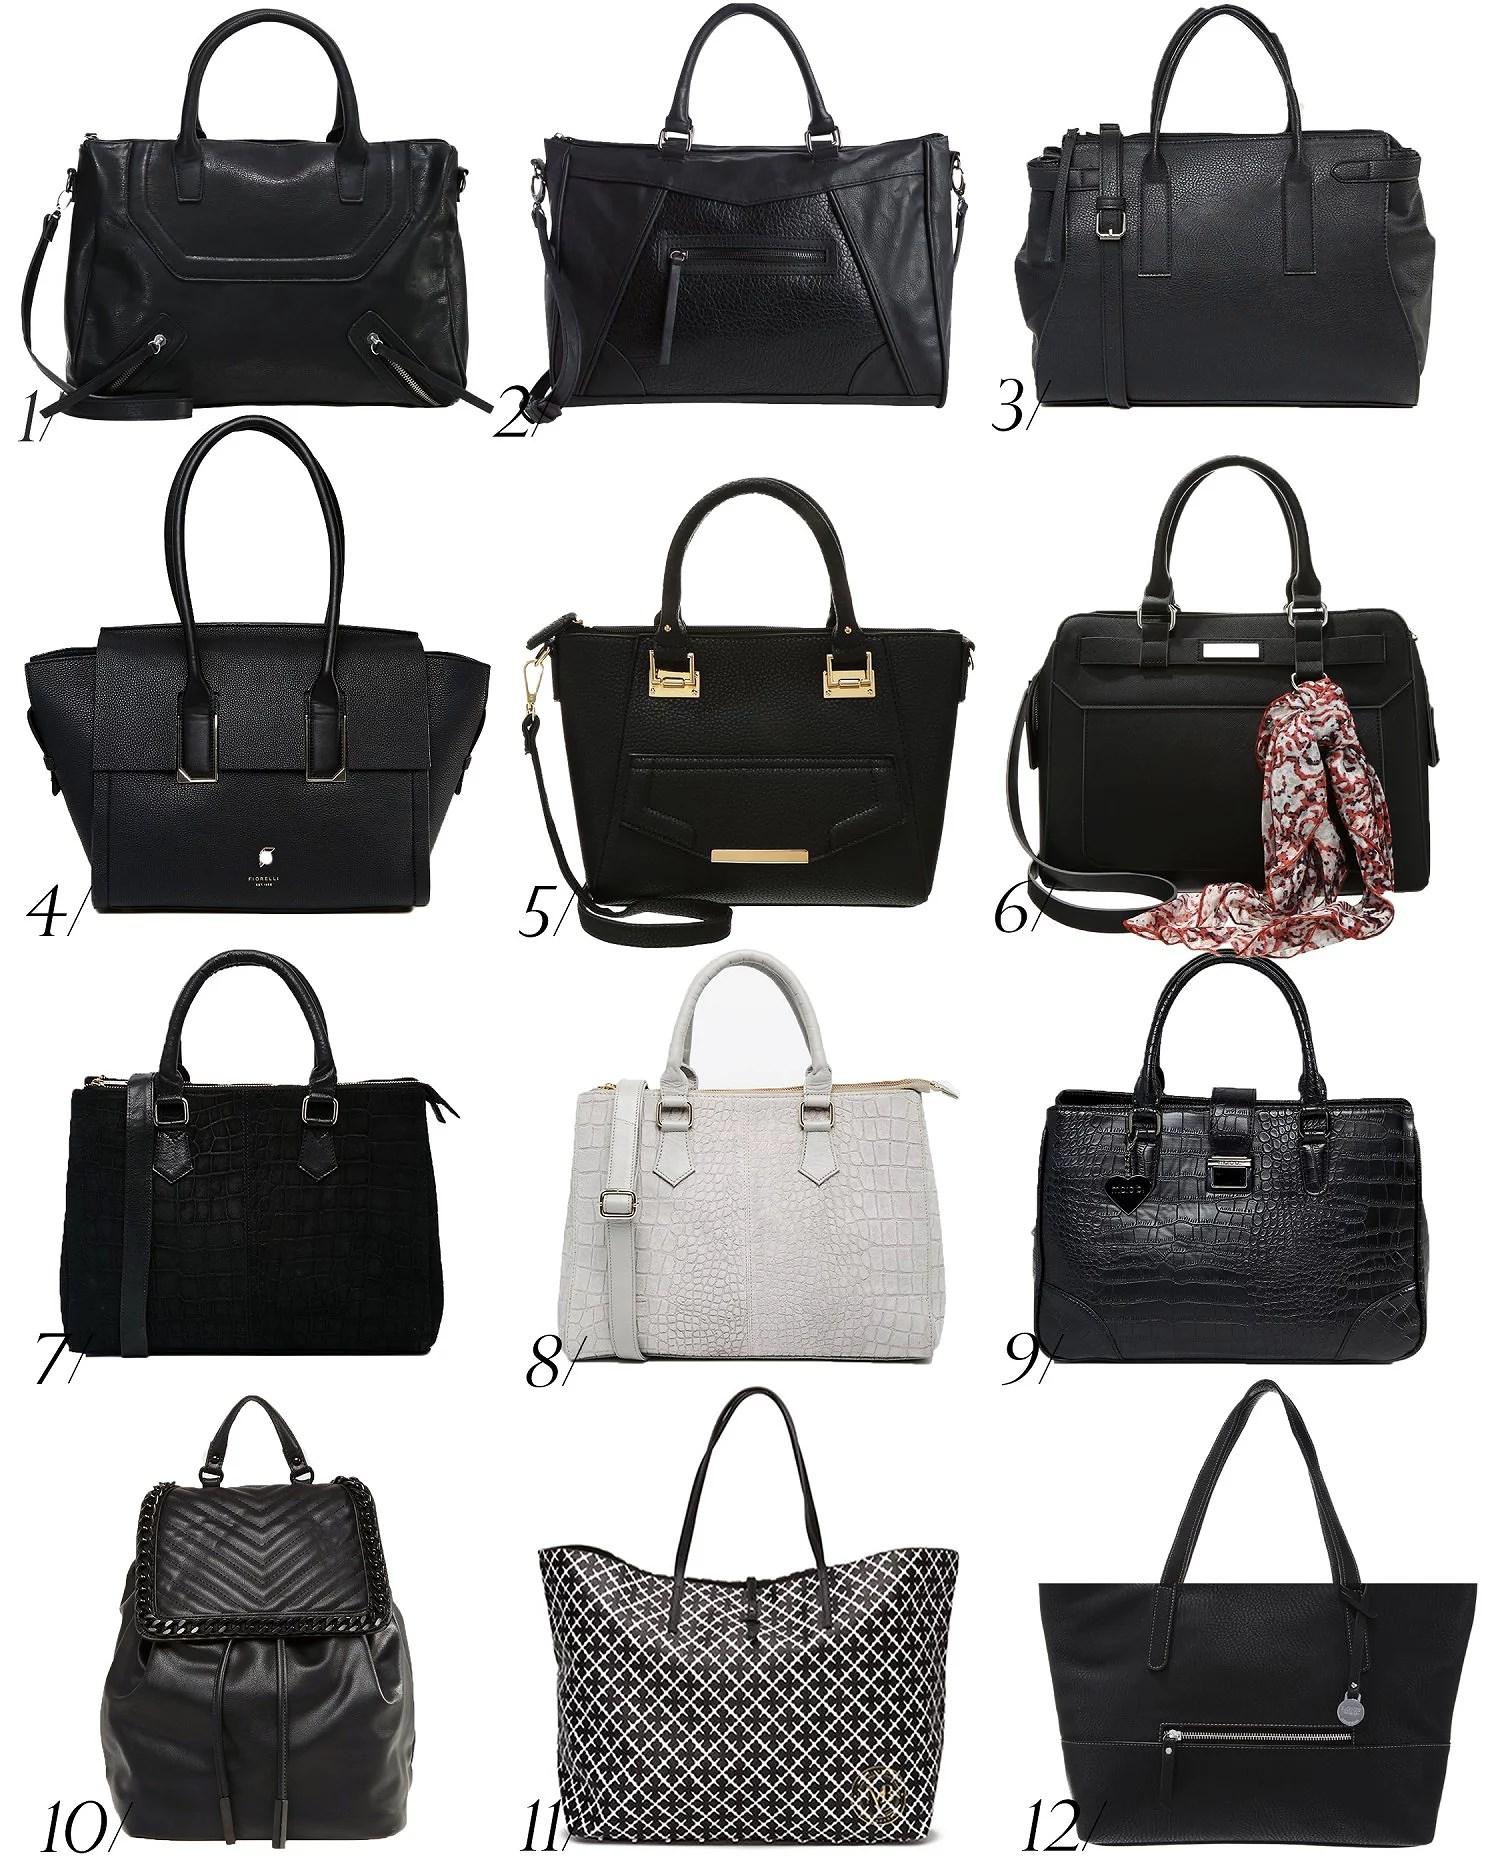 Schoolbag guide